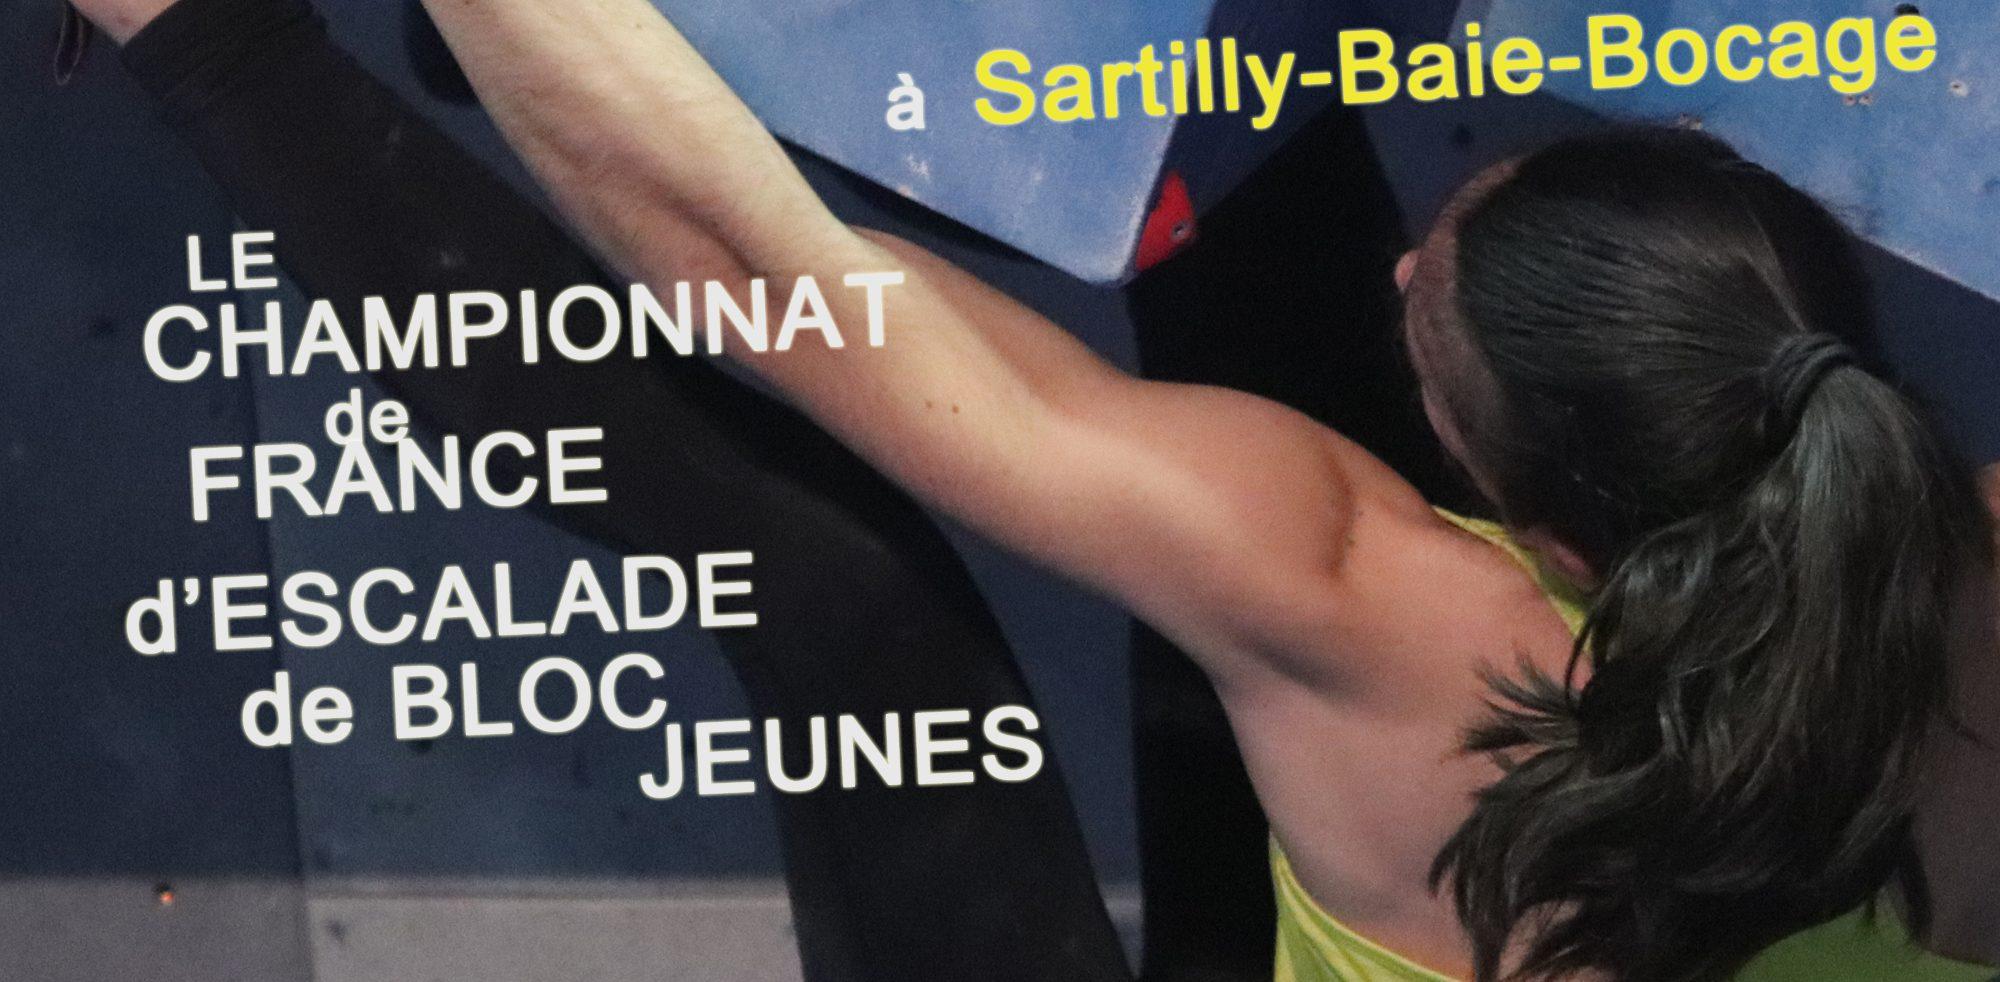 Championnat de France Jeunes d'Escalade de Bloc - Sartilly Baie Bocage